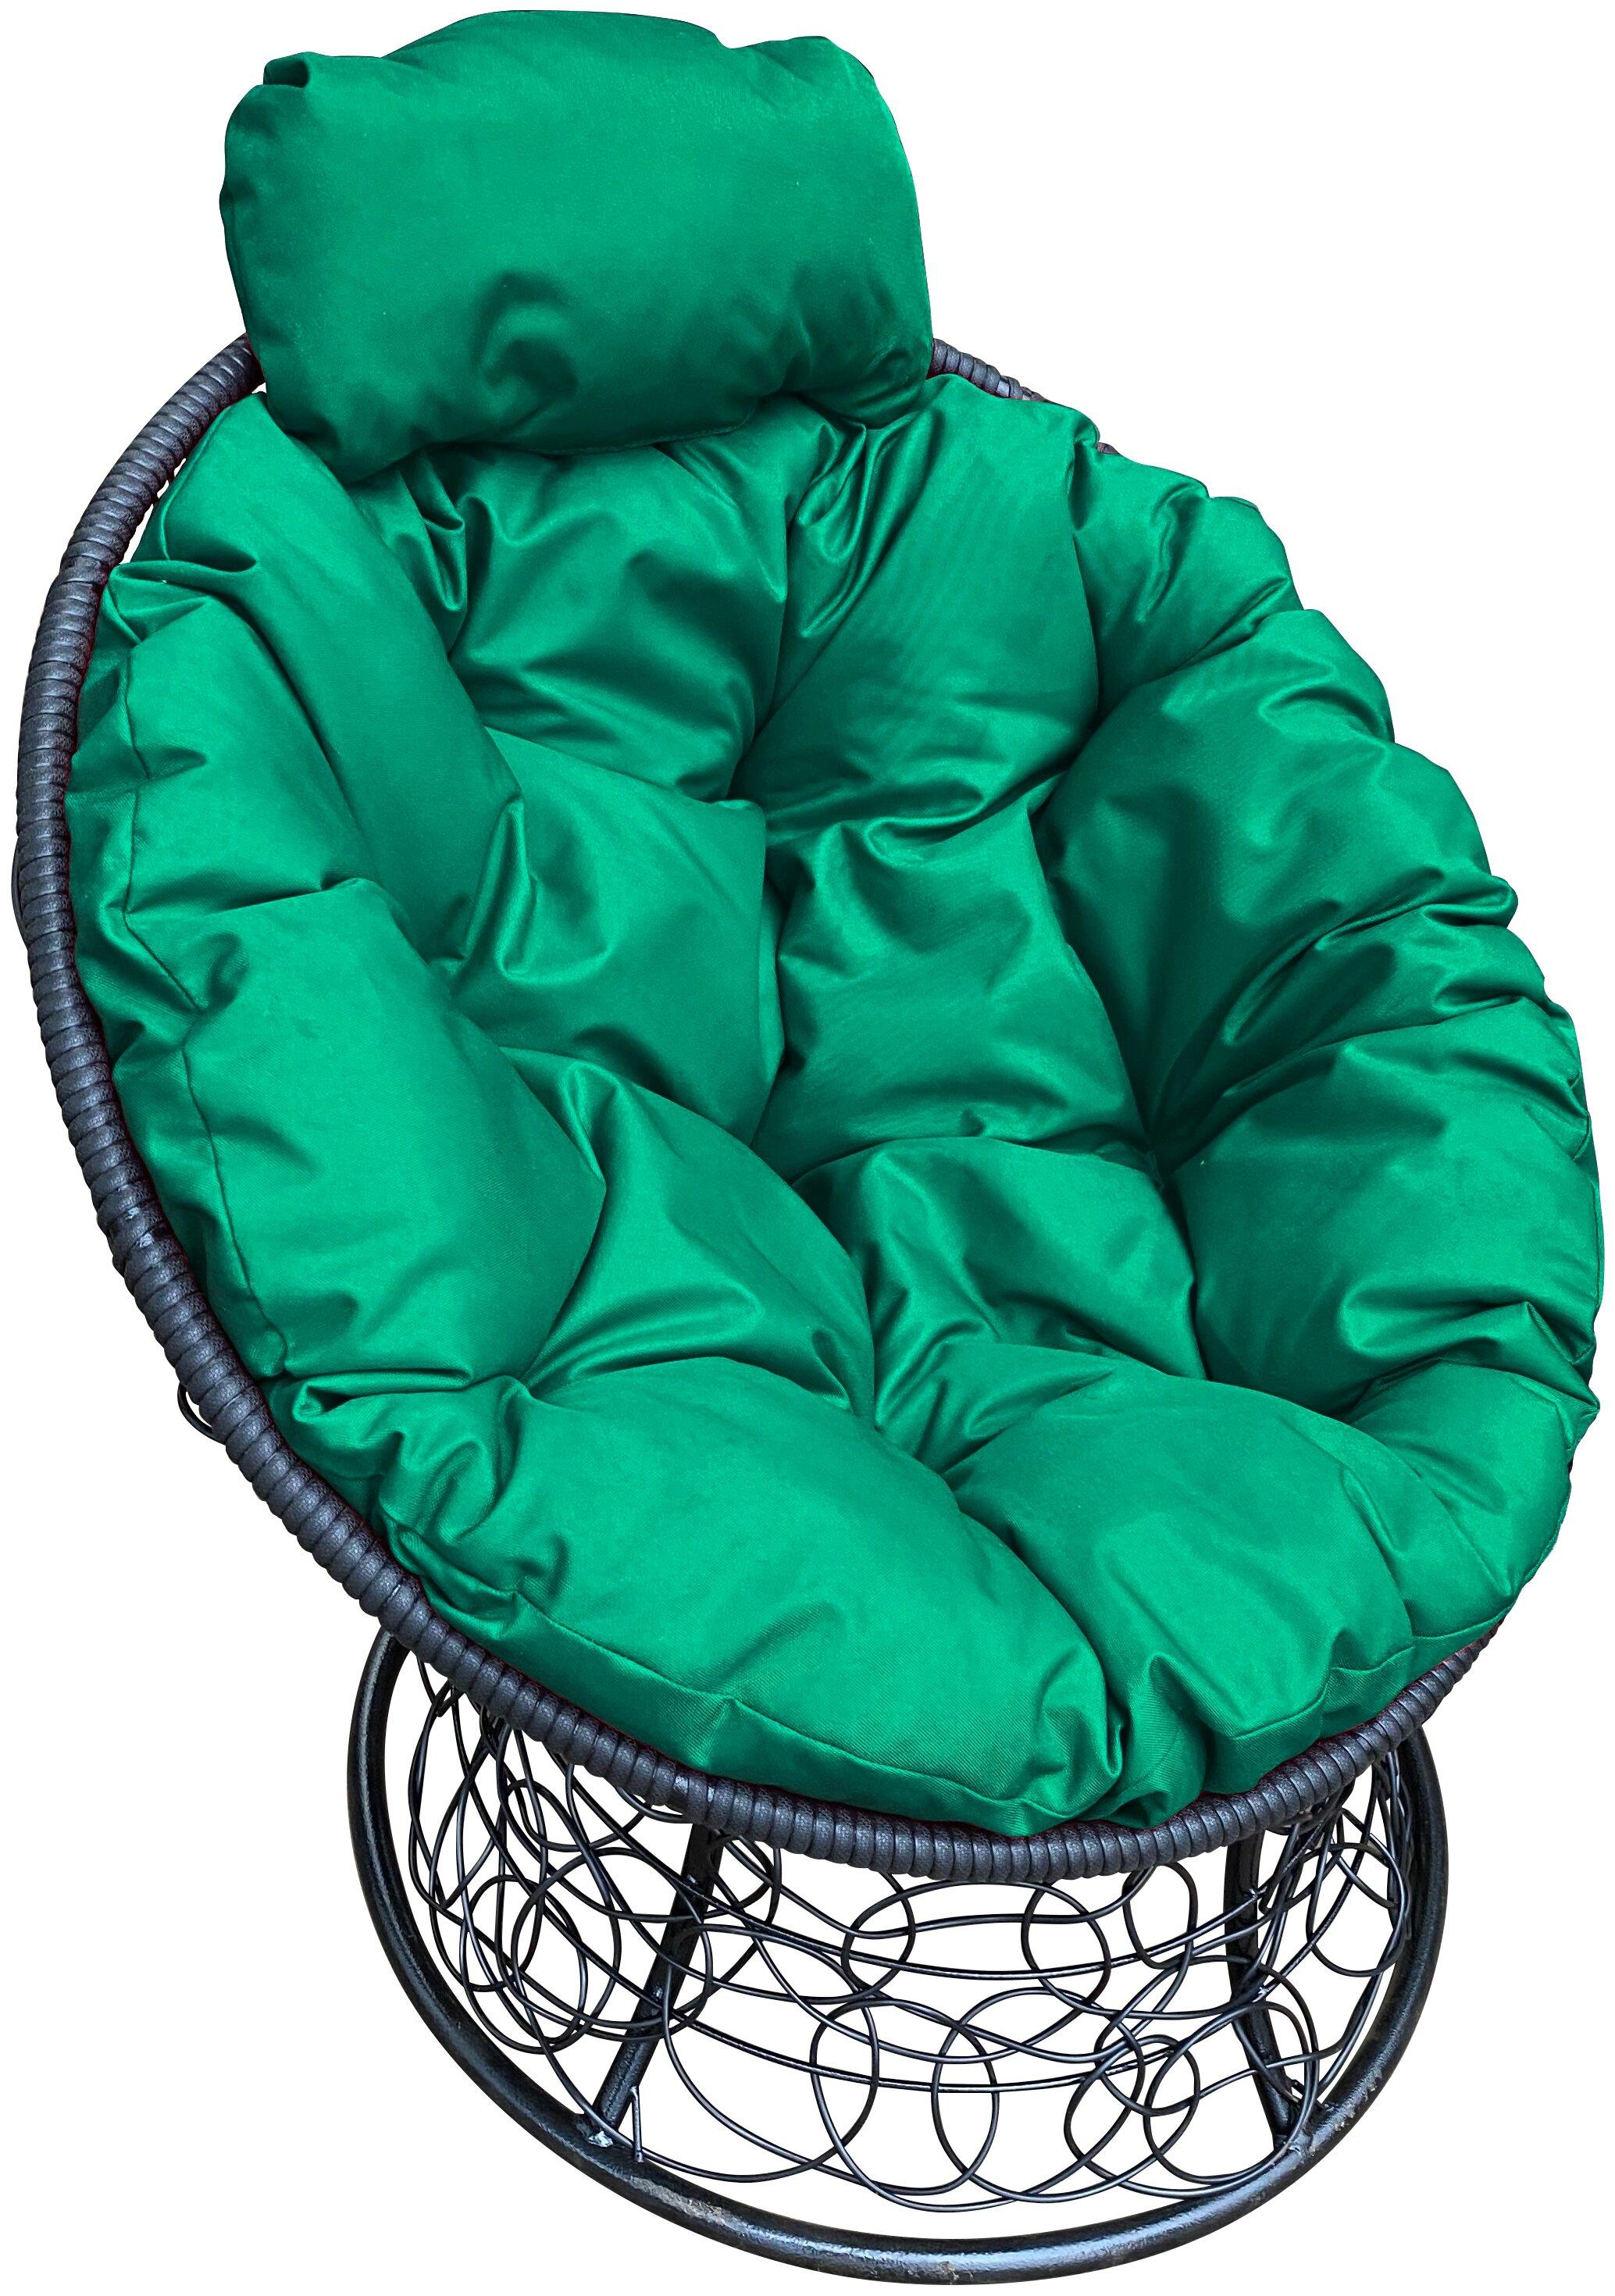 Купить Садовое кресло Папасан мини ротанг черное зеленая подушка по низкой цене с доставкой из Яндекс.Маркета